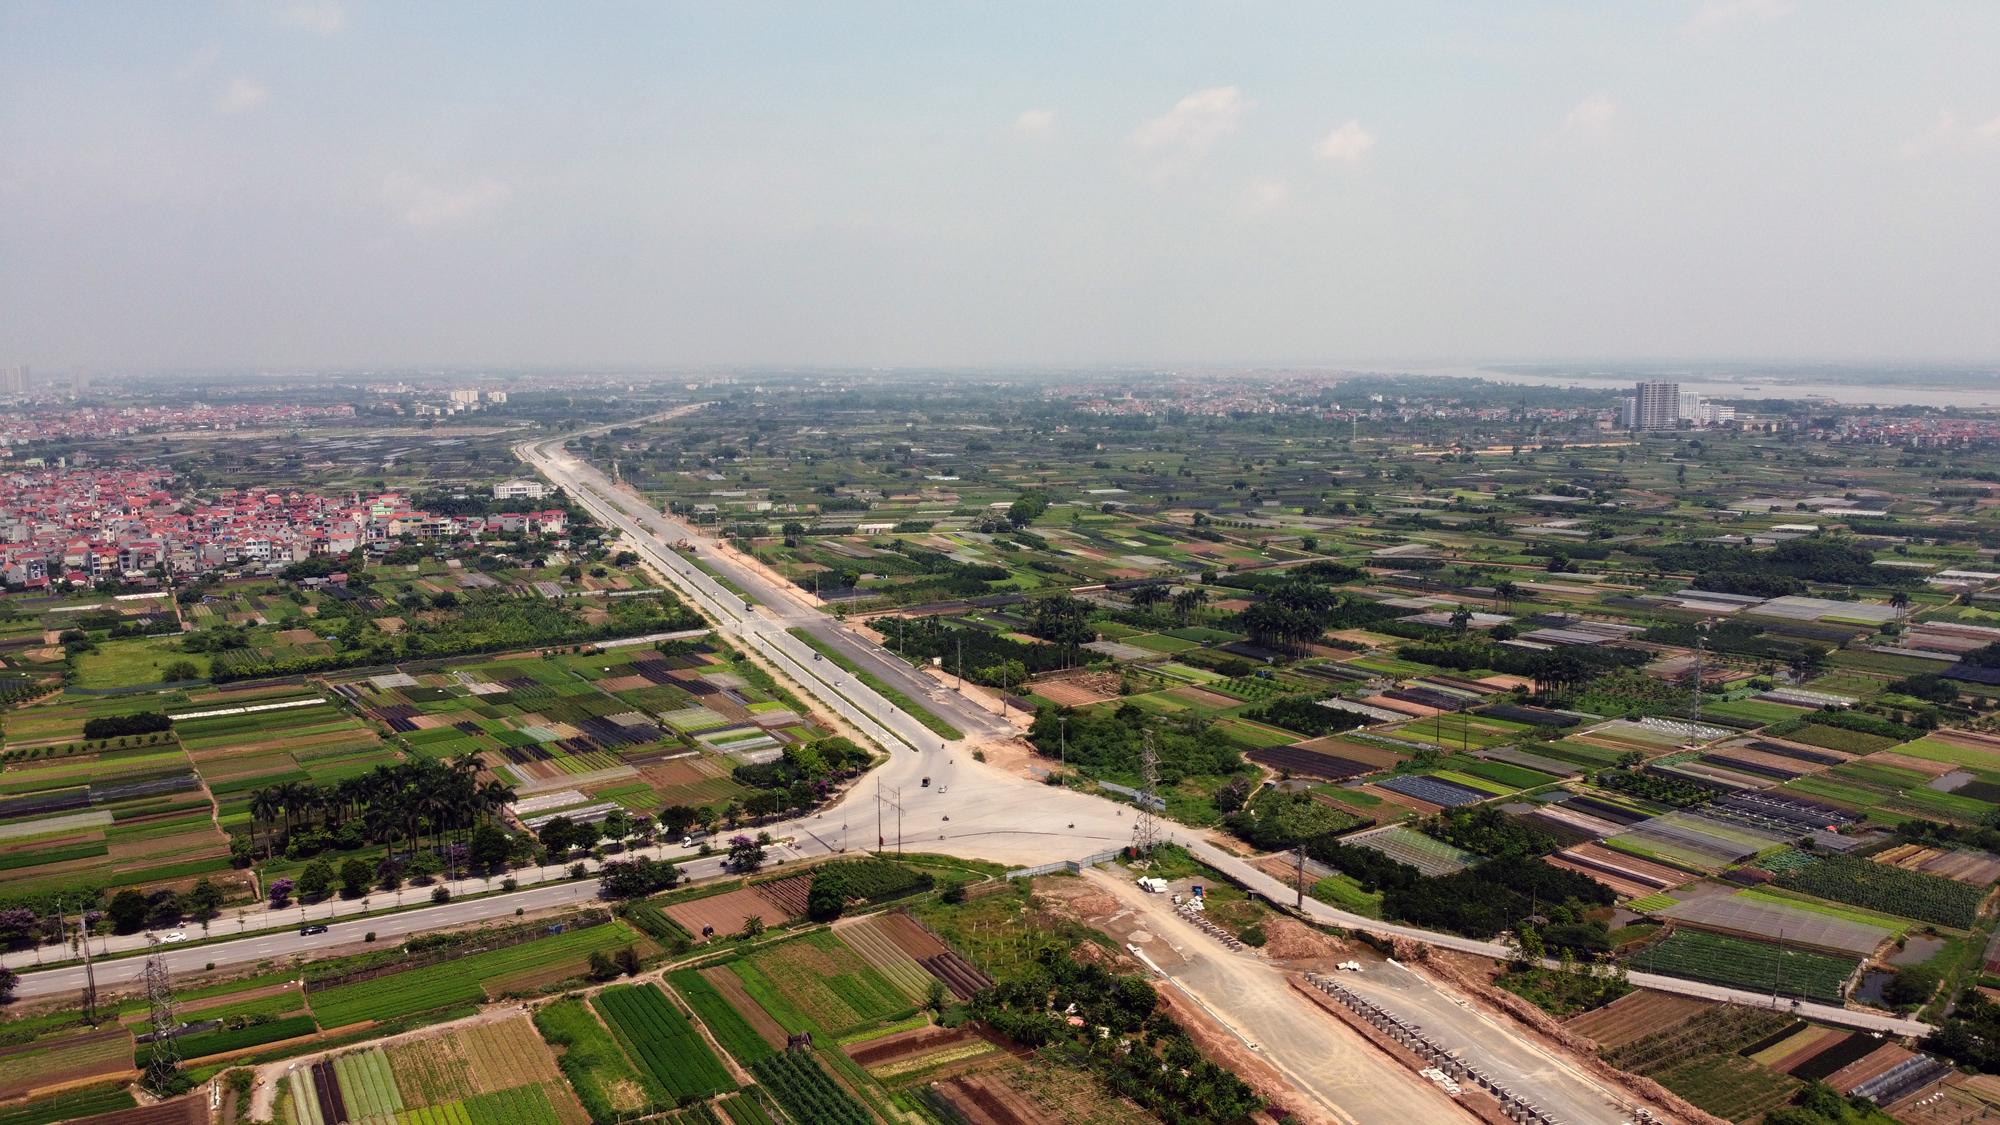 Soi tiến độ đường Tây Thăng Long từ Phạm Văn Đồng đến Văn Tiến Dũng - Ảnh 1.